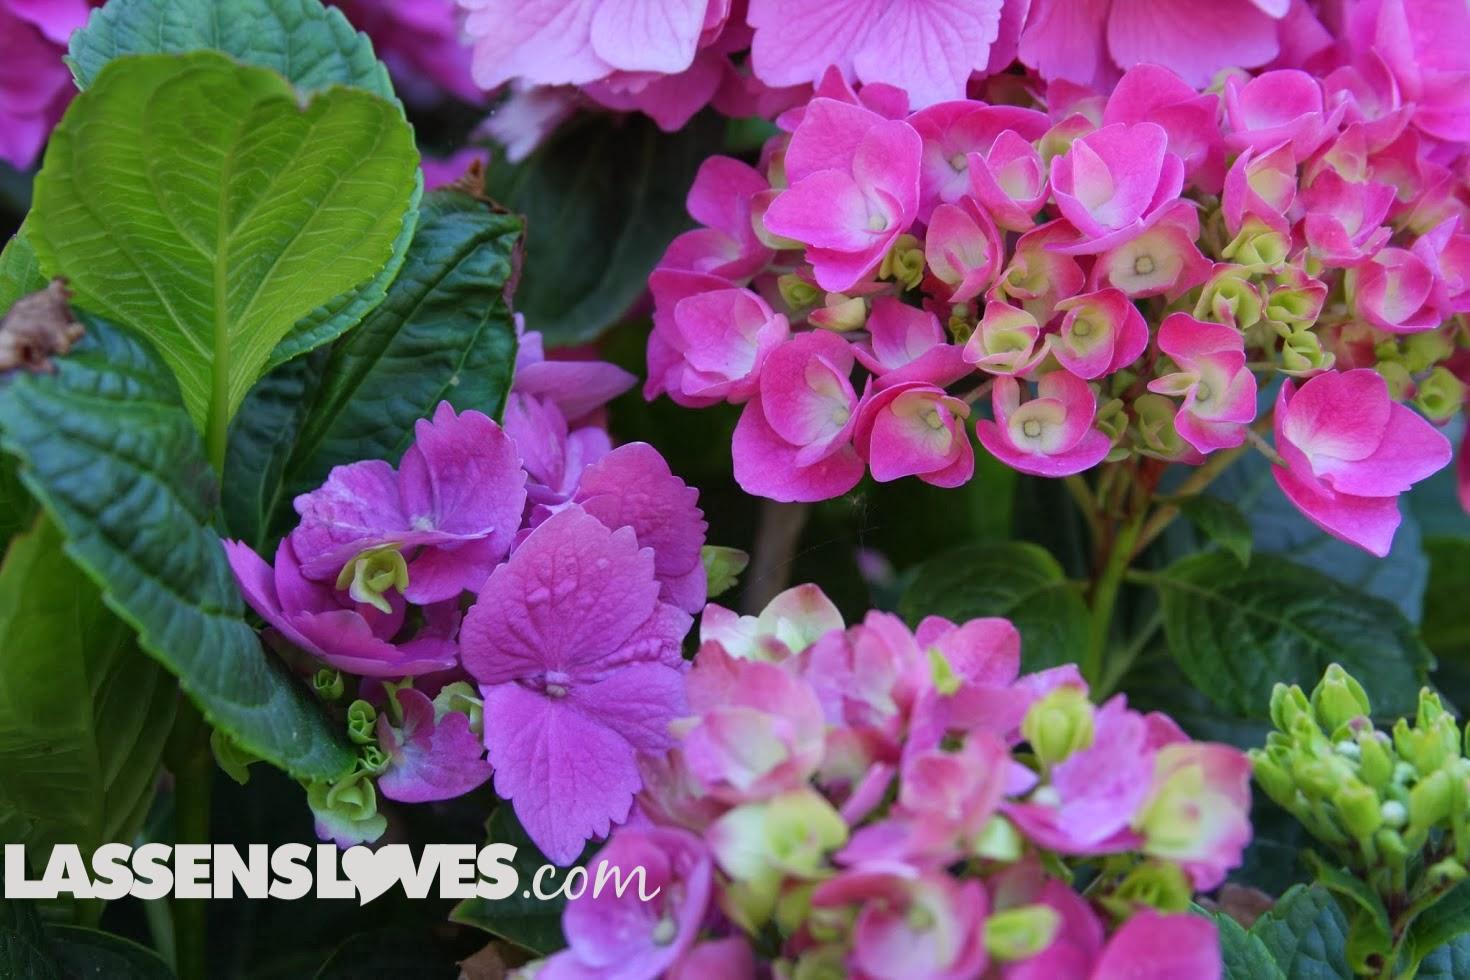 lassensloves.com, Lassen's, Lassens, Manager+Spotlight, Hydrangeas